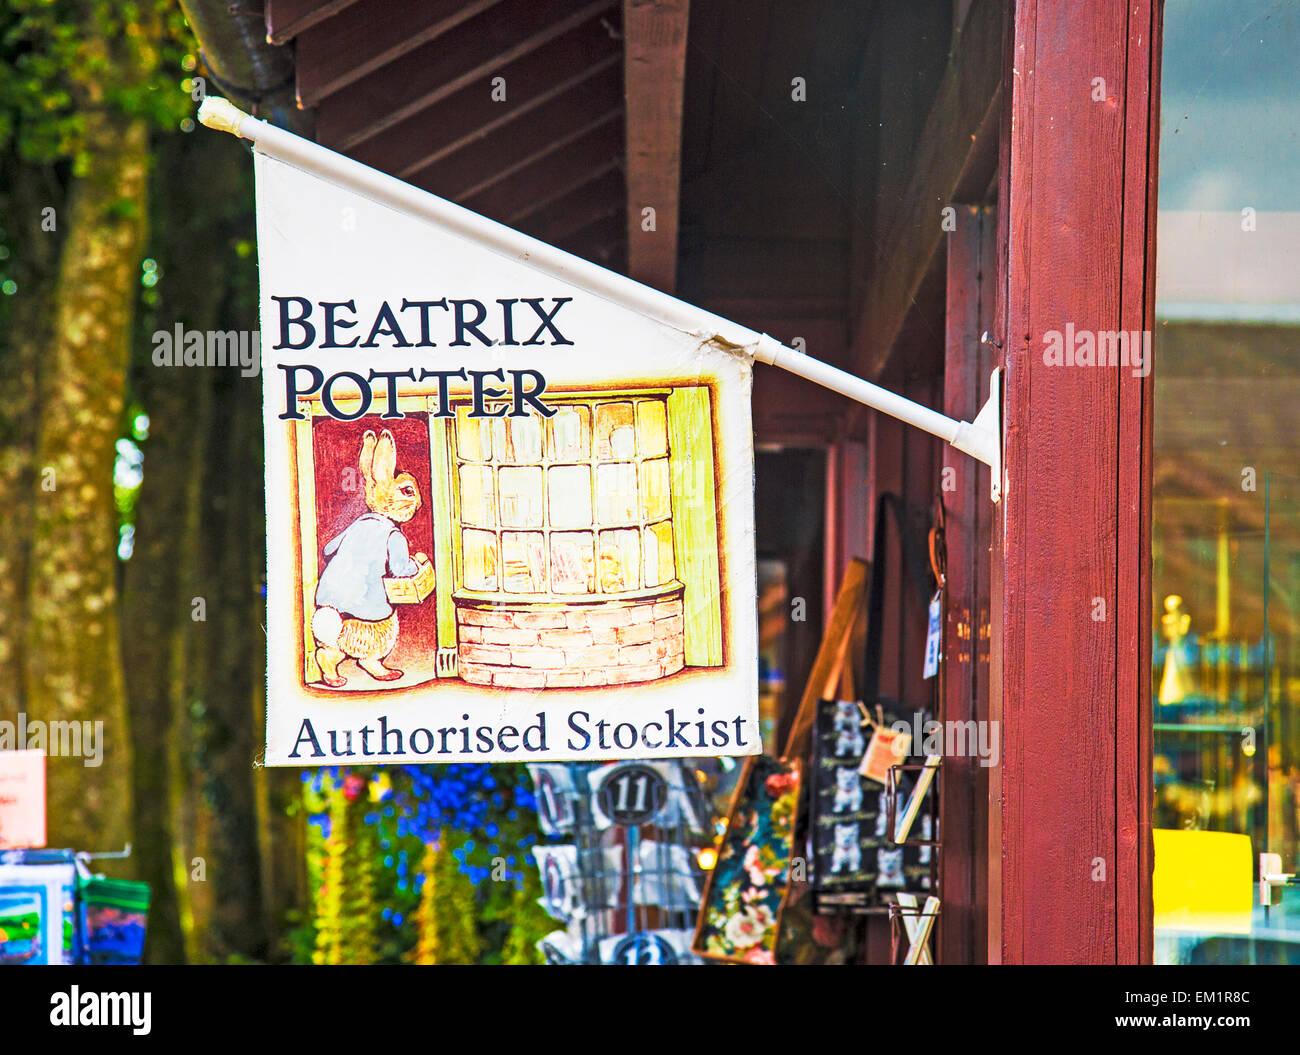 Hawkshead, village of Beatrix Potter and her creations; advertising; Werbung für Produkte von Beatrix Potter in Hawkshead Stock Photo